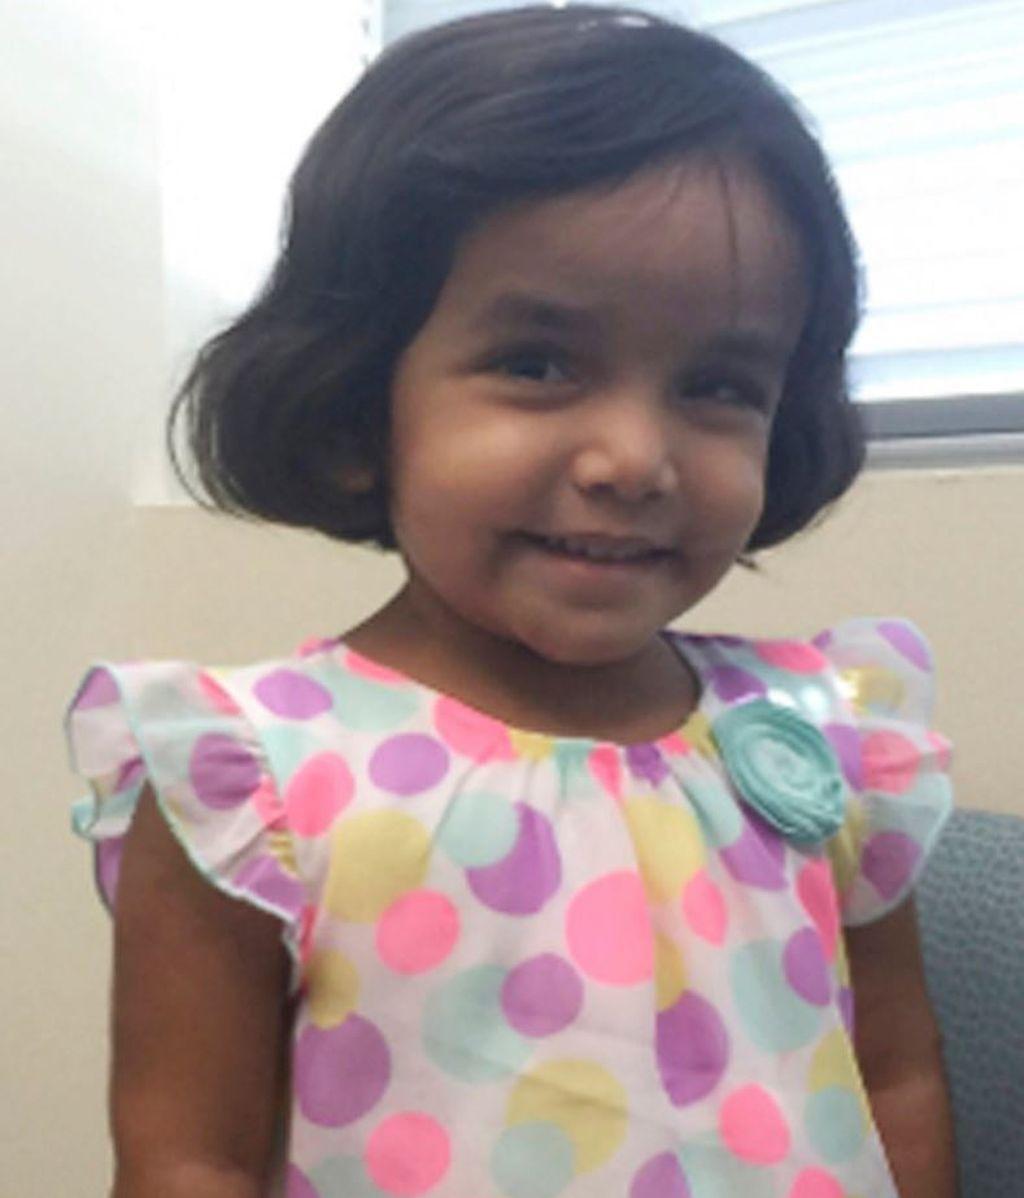 Encuentran el cuerpo de un menor cerca de la casa de Sherin Mathews, la niña de tres años desaparecida